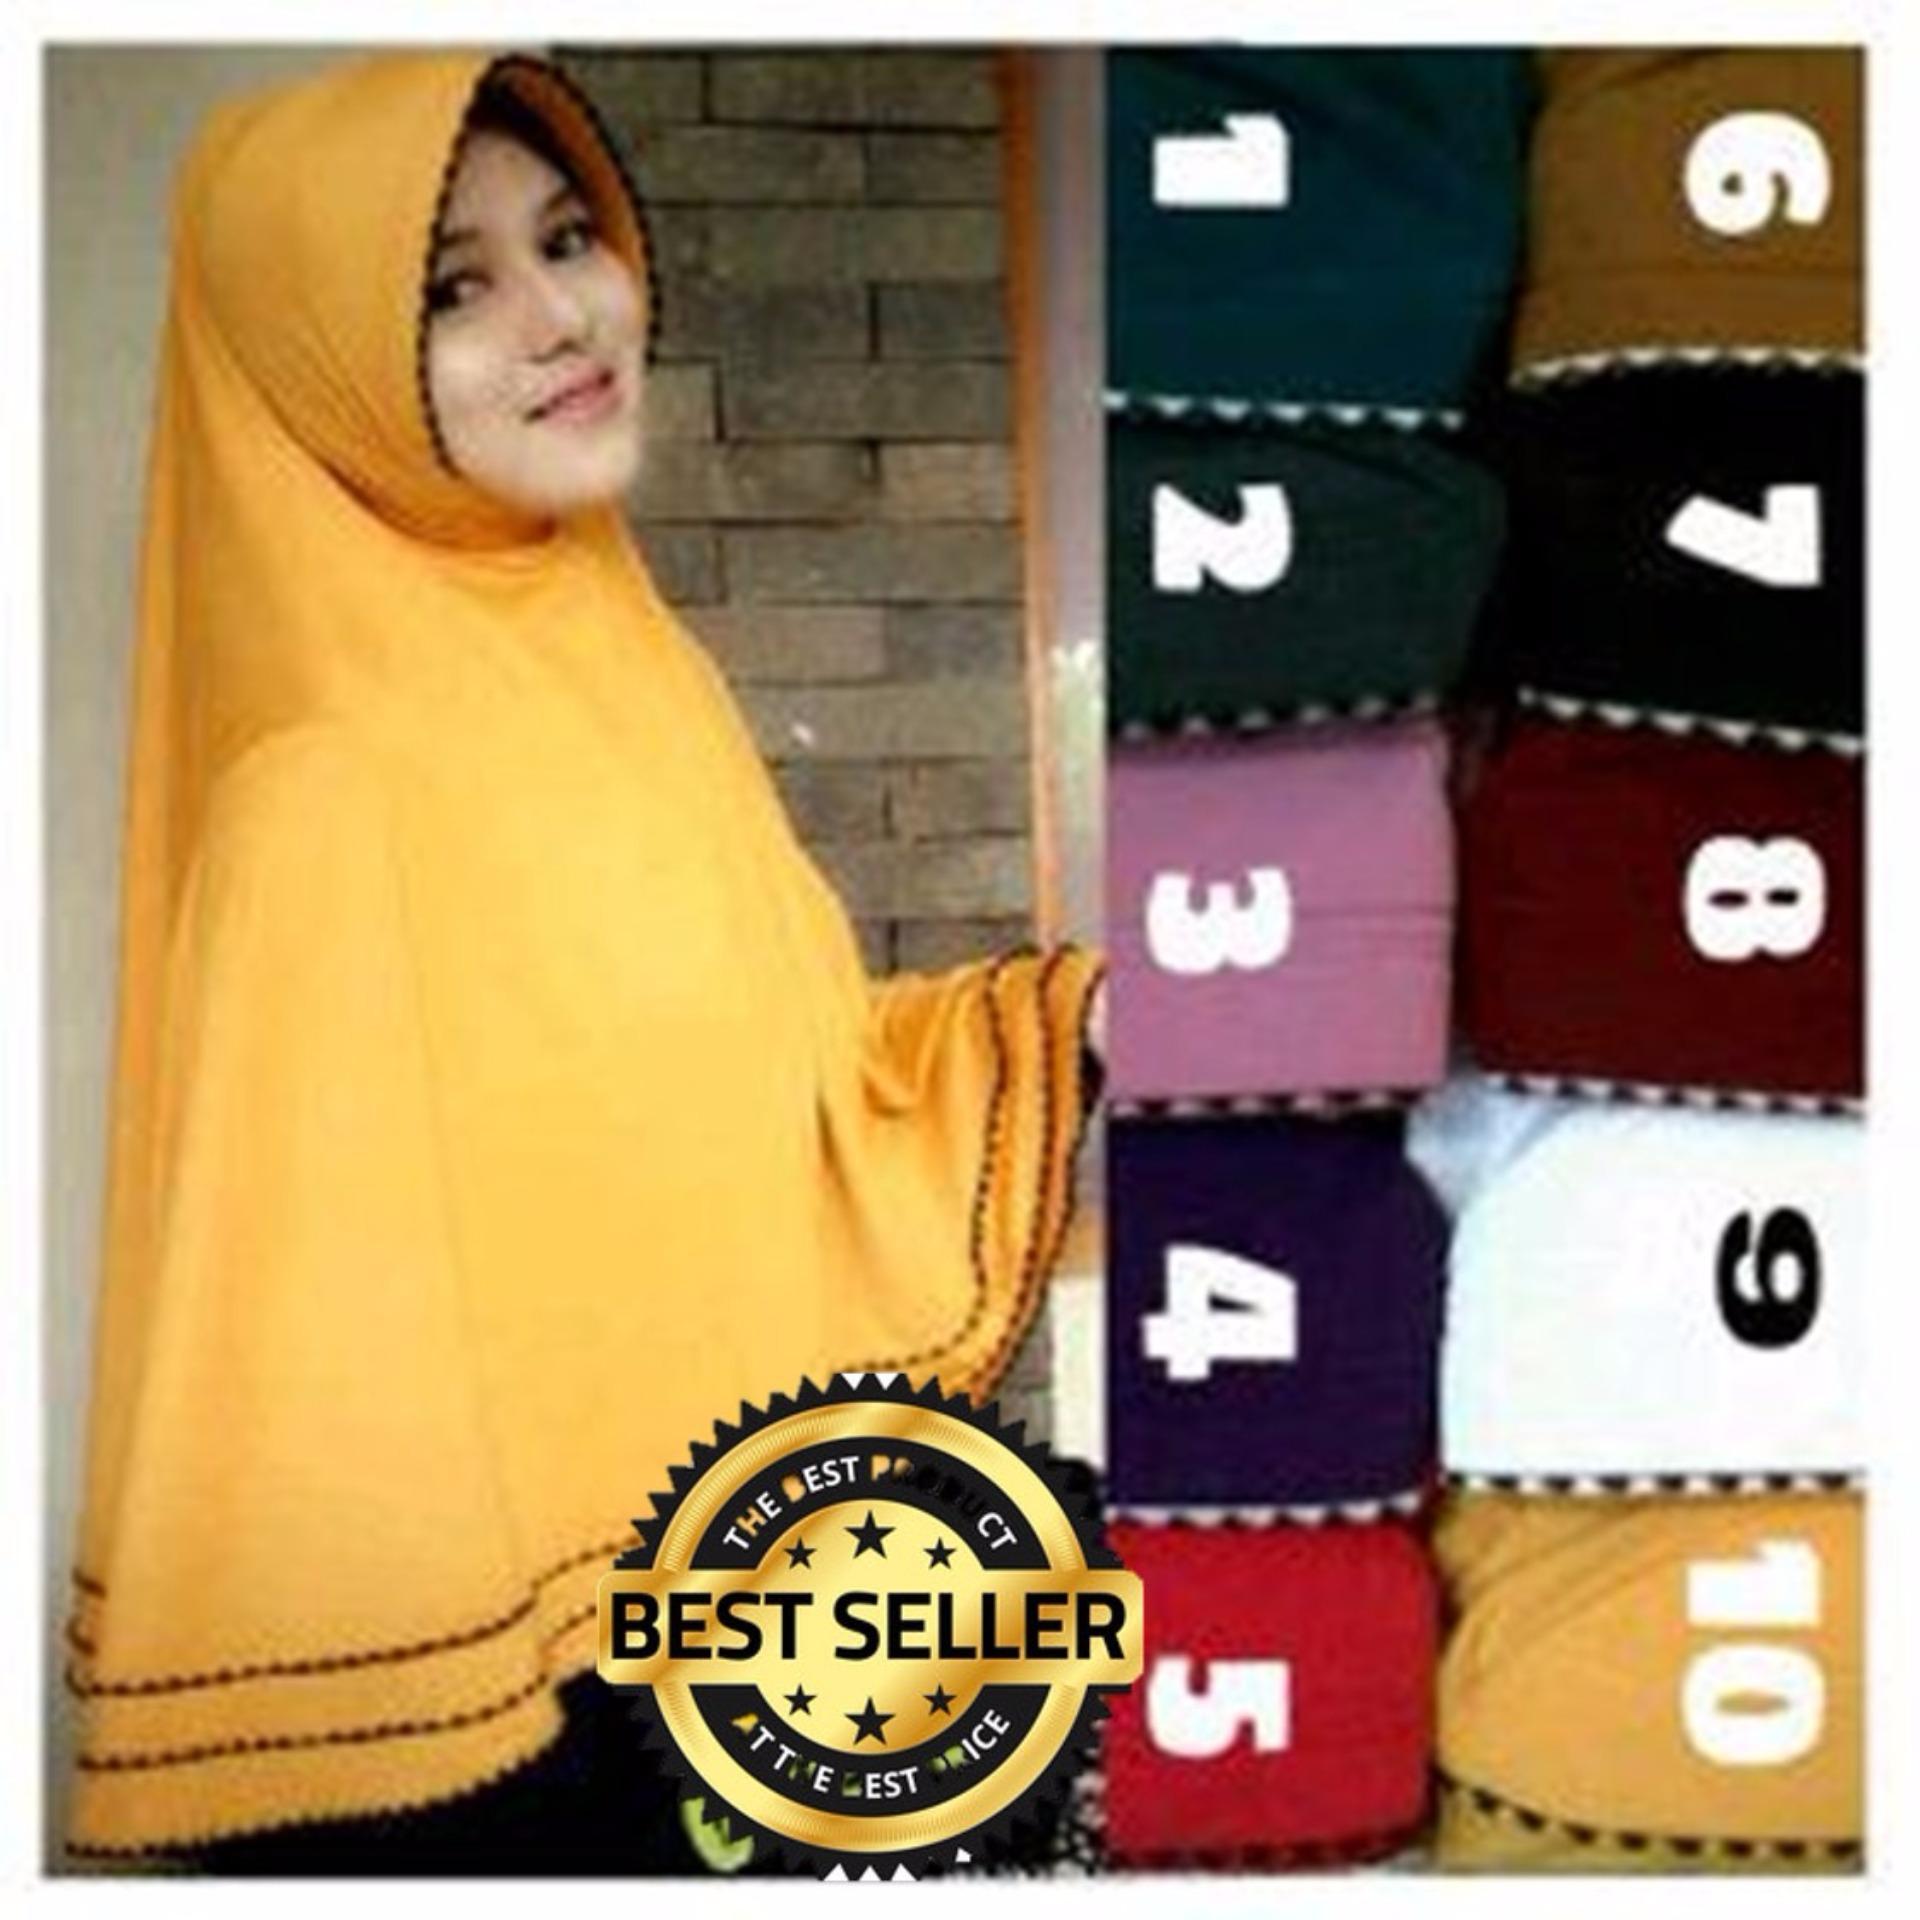 Tidak Mudah Kusut Premium Hijab Impor Syar'i Renda Bawah (Jilbab Instant) - Toko Berkah Online